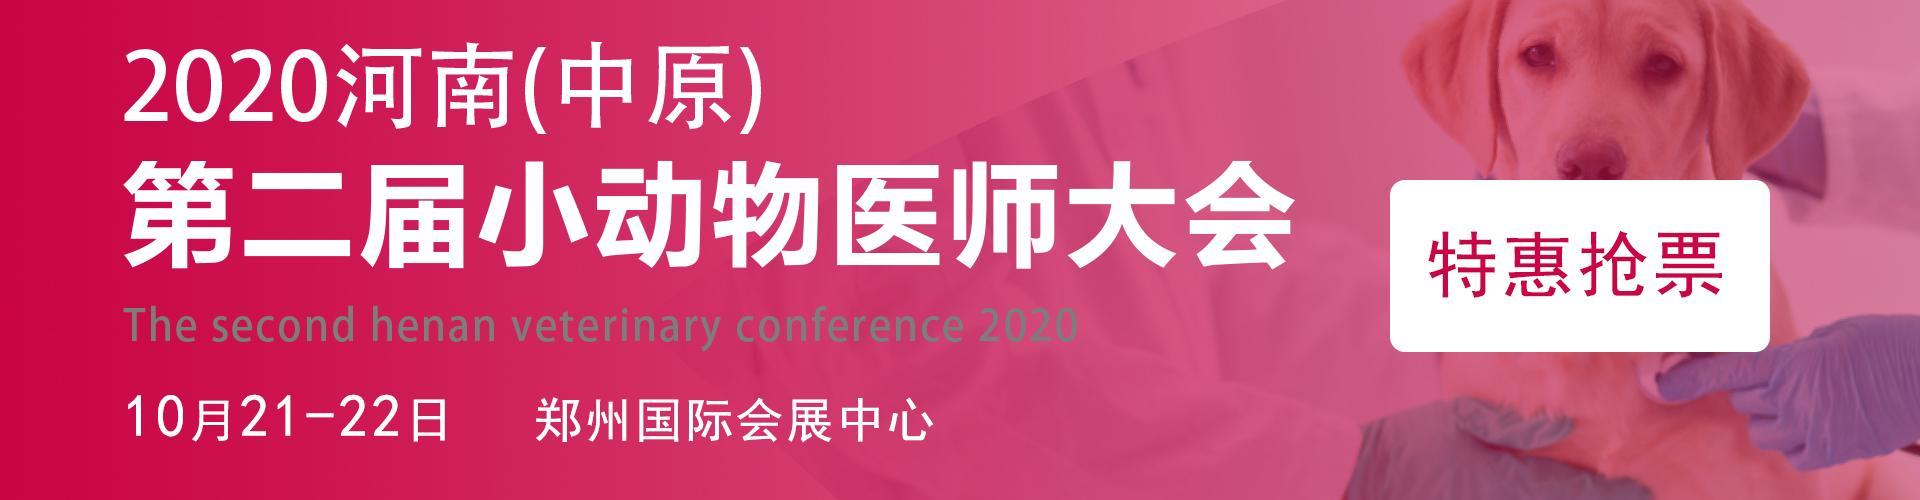 2020河南中原第二届小动物医师大会专业医师讲座